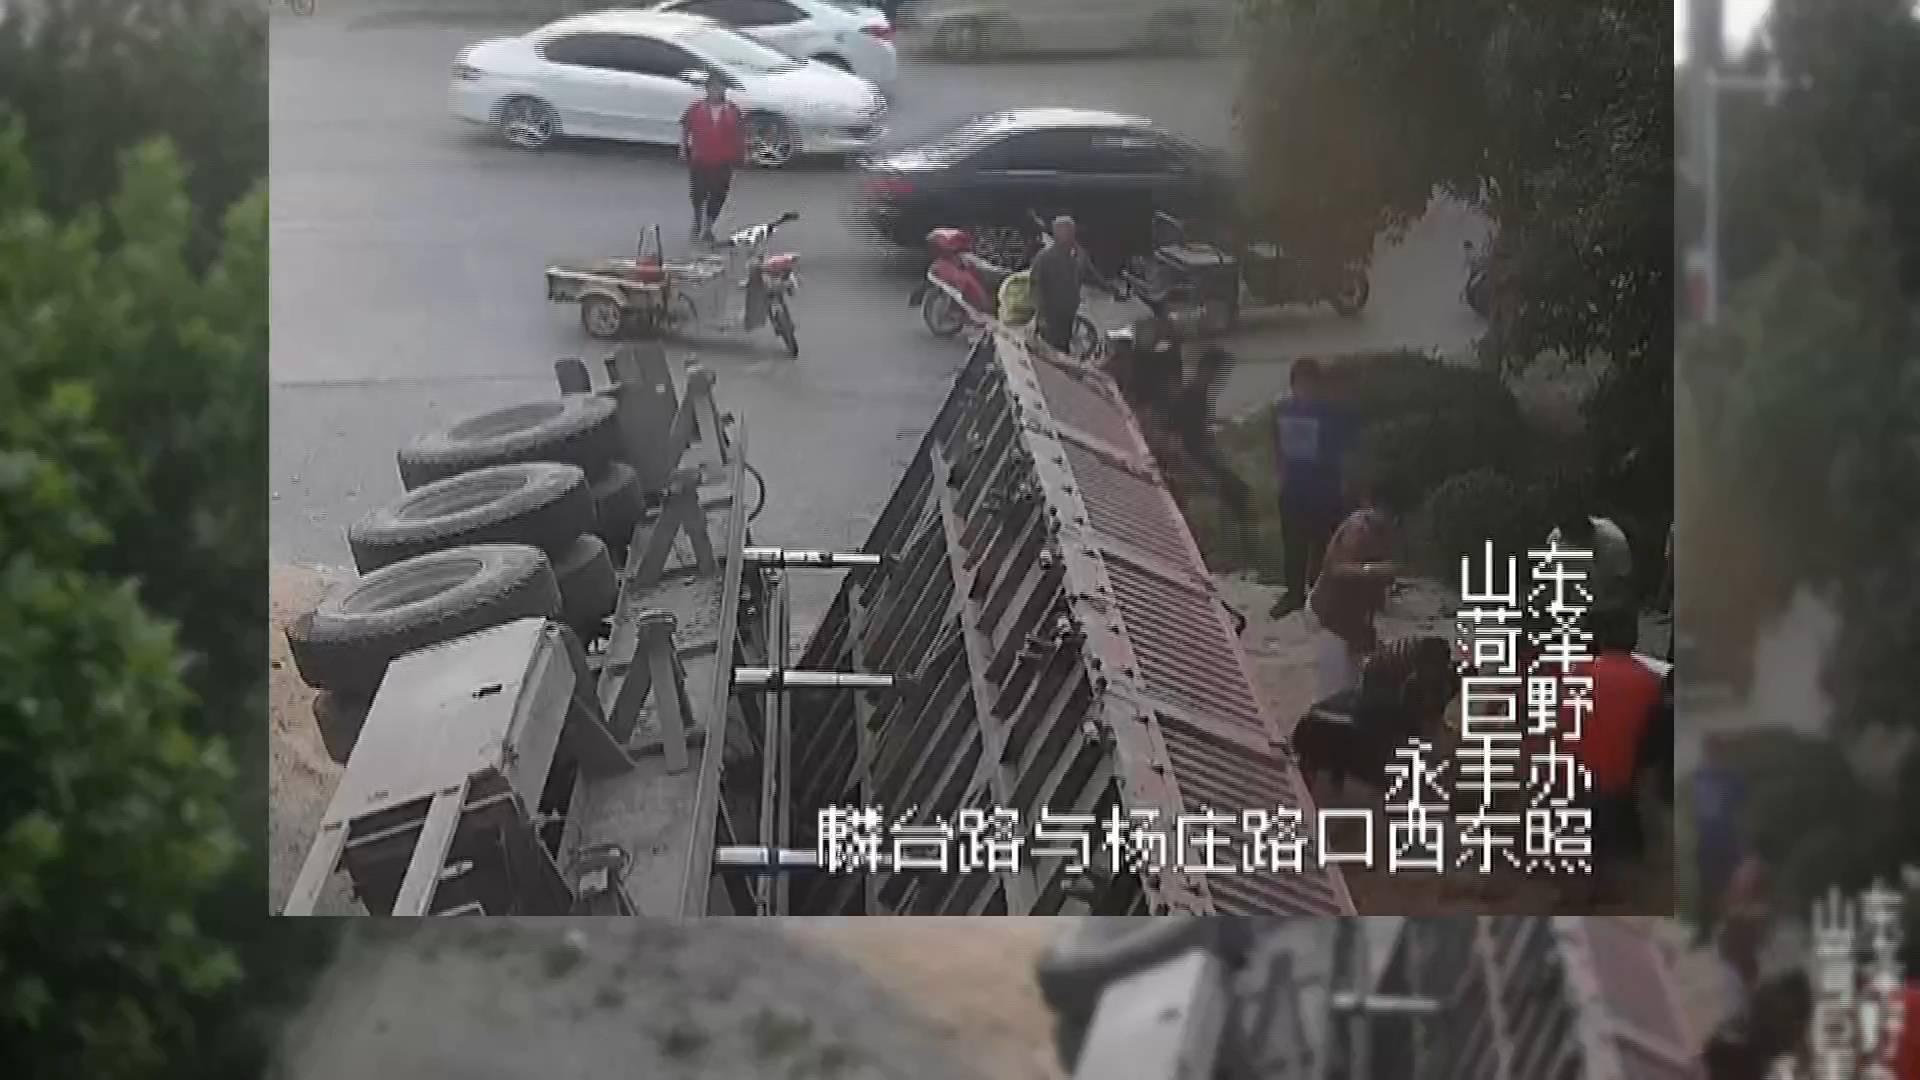 半挂车侧翻女子被埋 路人徒手挖沙两分钟救出